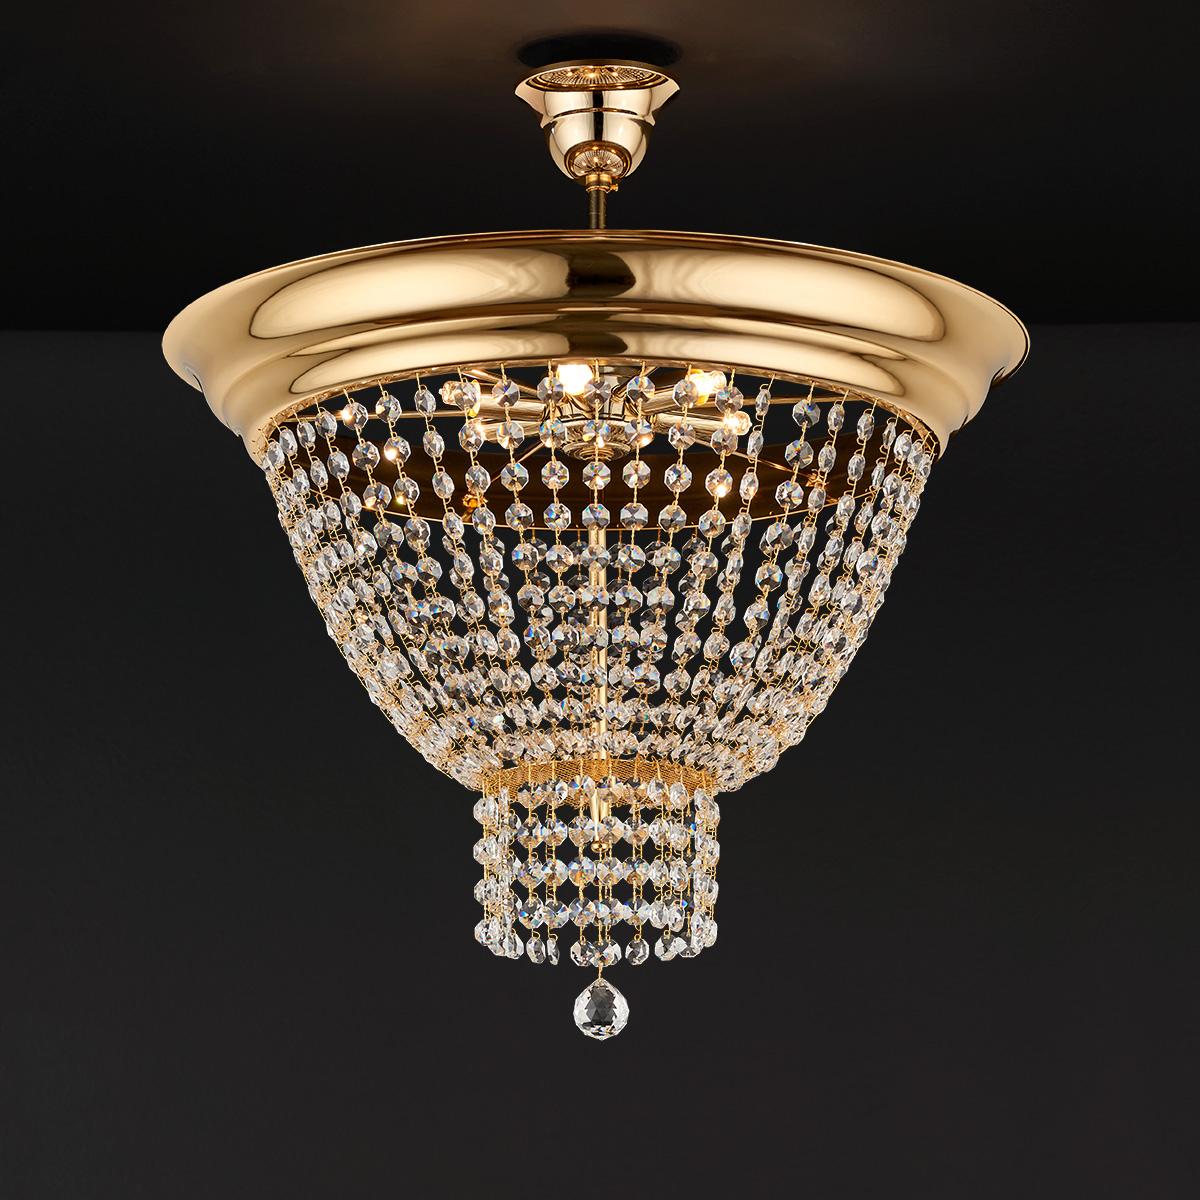 Κλασικό φωτιστικό οροφής με κρύσταλλα ΦΑΙΔΡΑ classic ceiling lamp with crystal accents